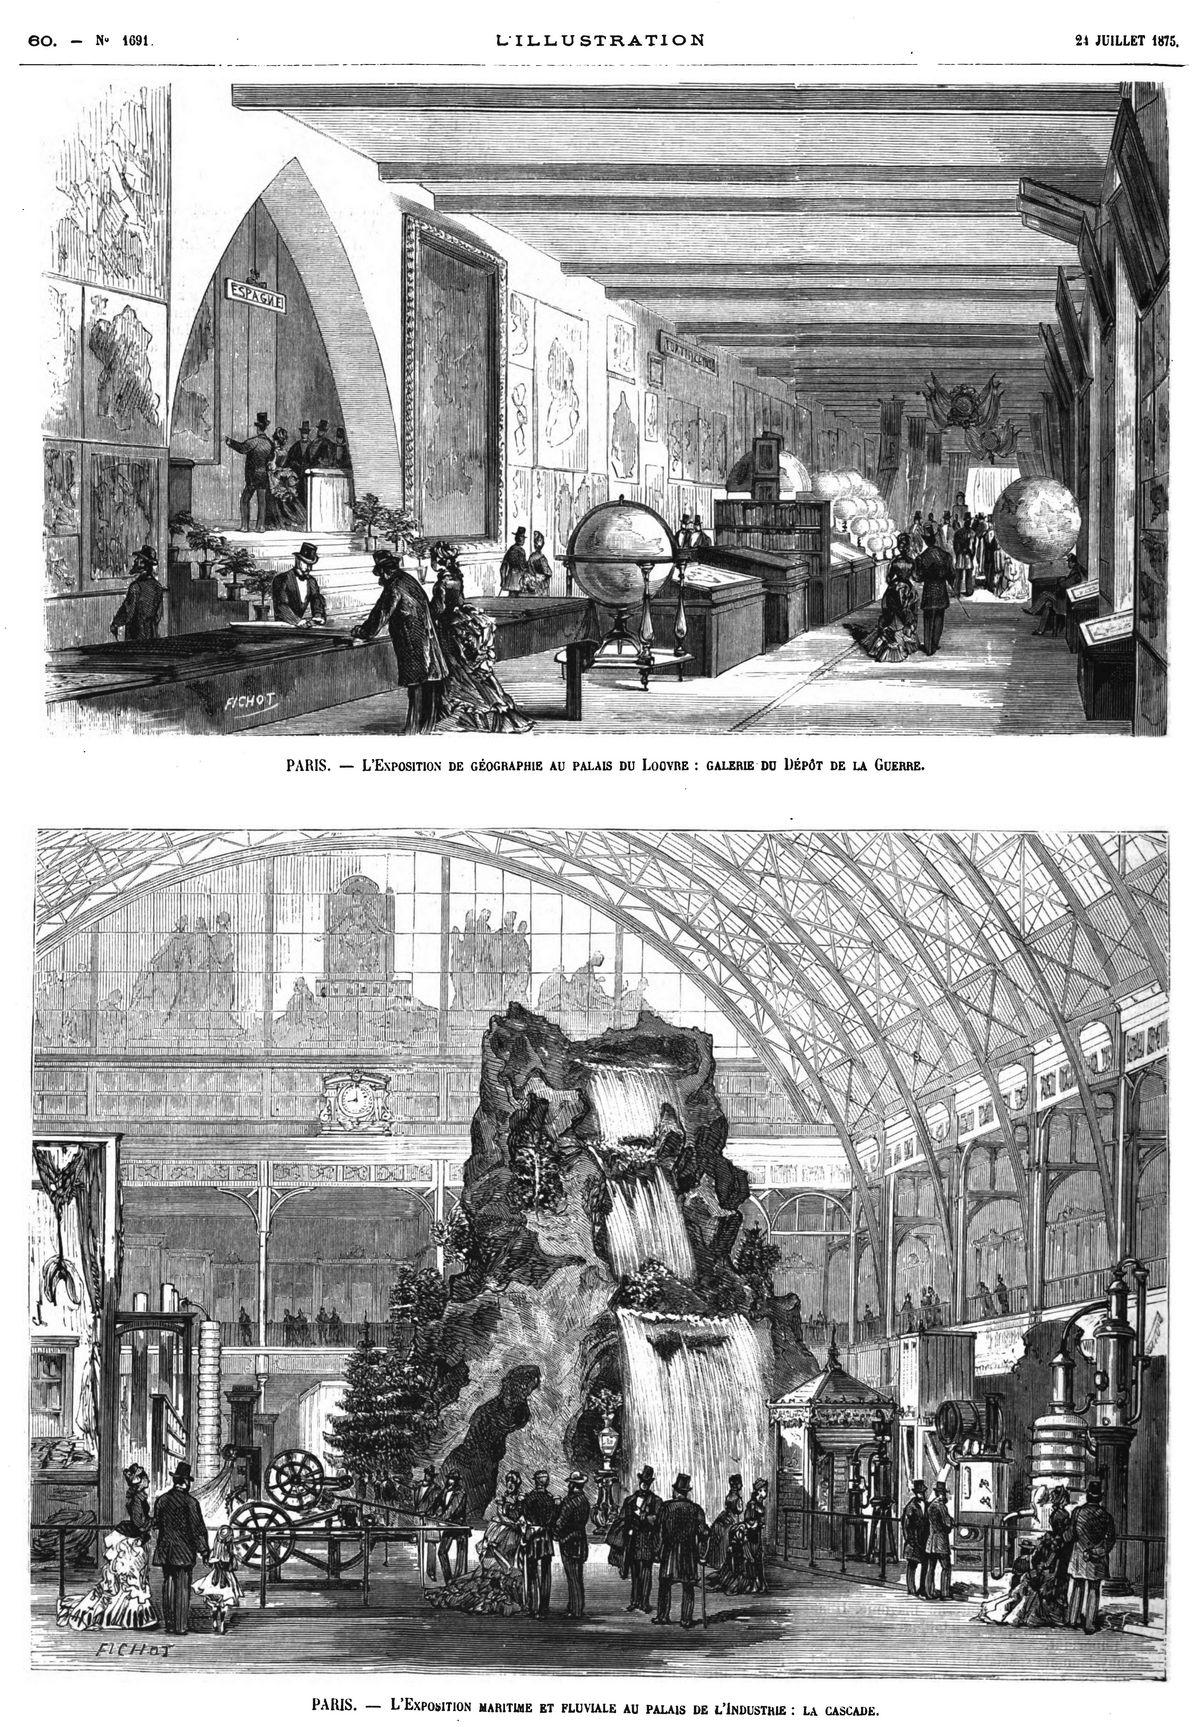 Paris : l'Exposition de géographie au palais du Louvre : galerie du Dépôt de la guerre. — Paris : l'Exposition maritime et fluviale au palais de l'Industrie : la cascade.